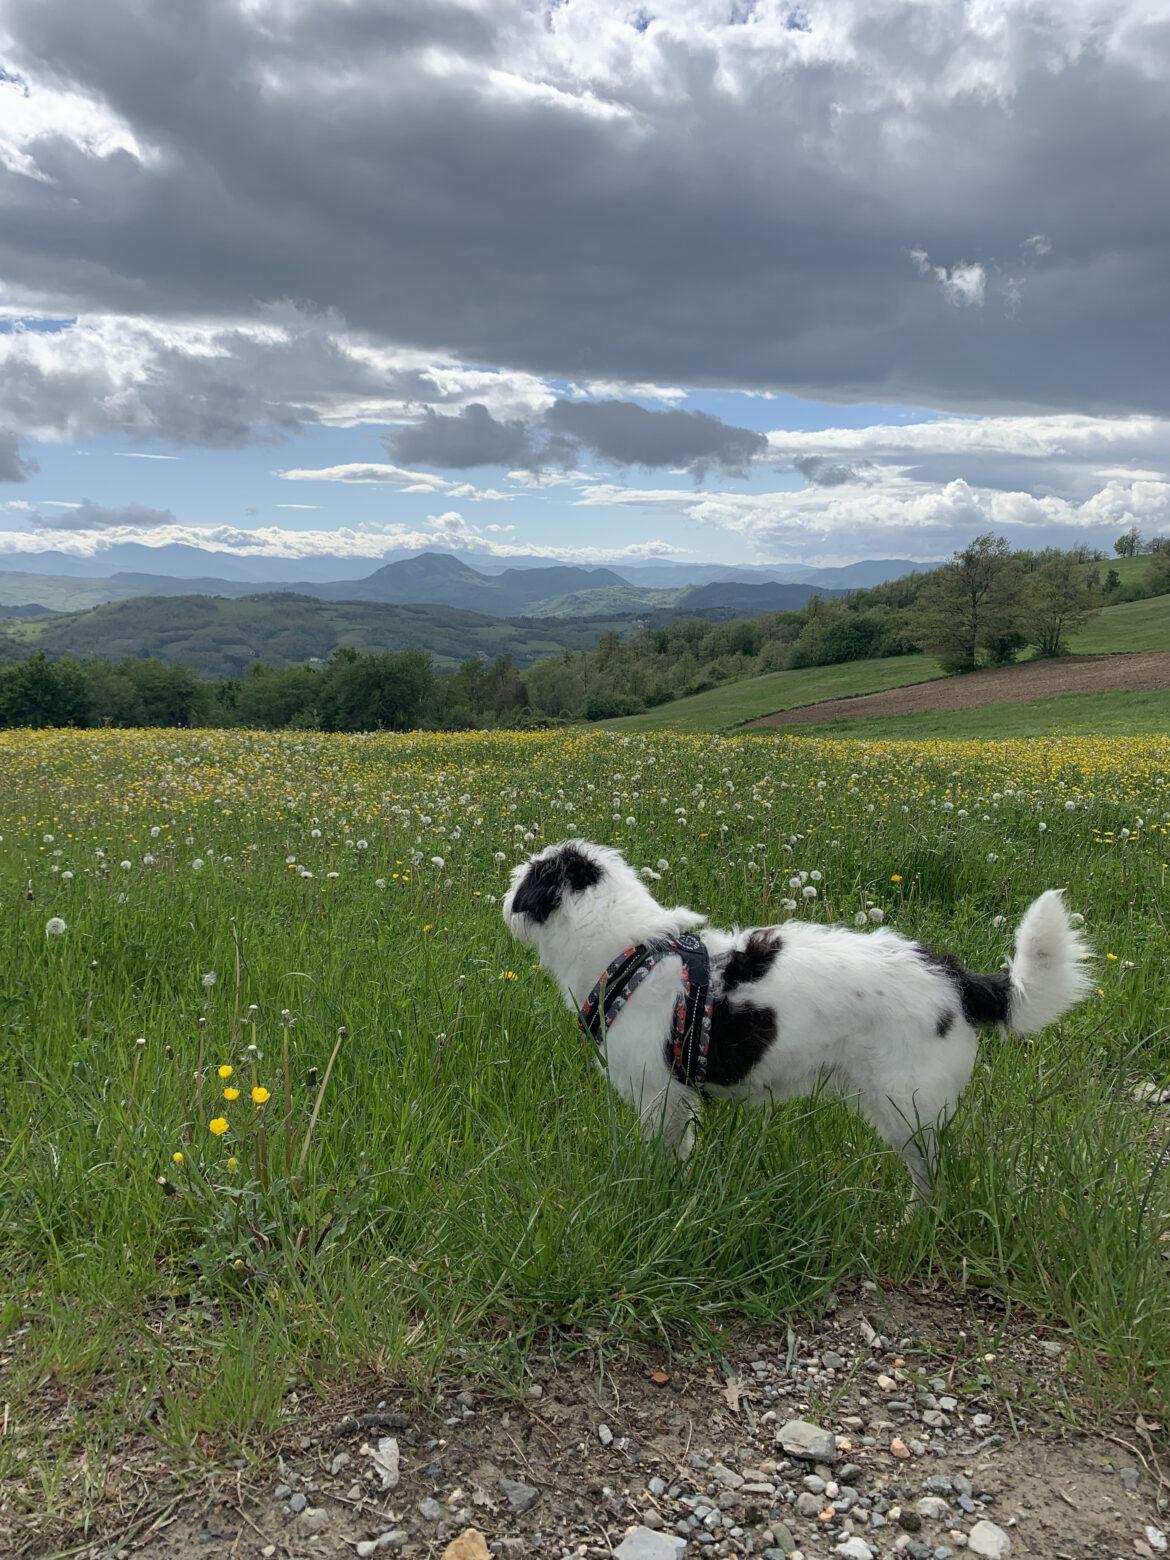 Maia e il Monte Cimone in lontananza